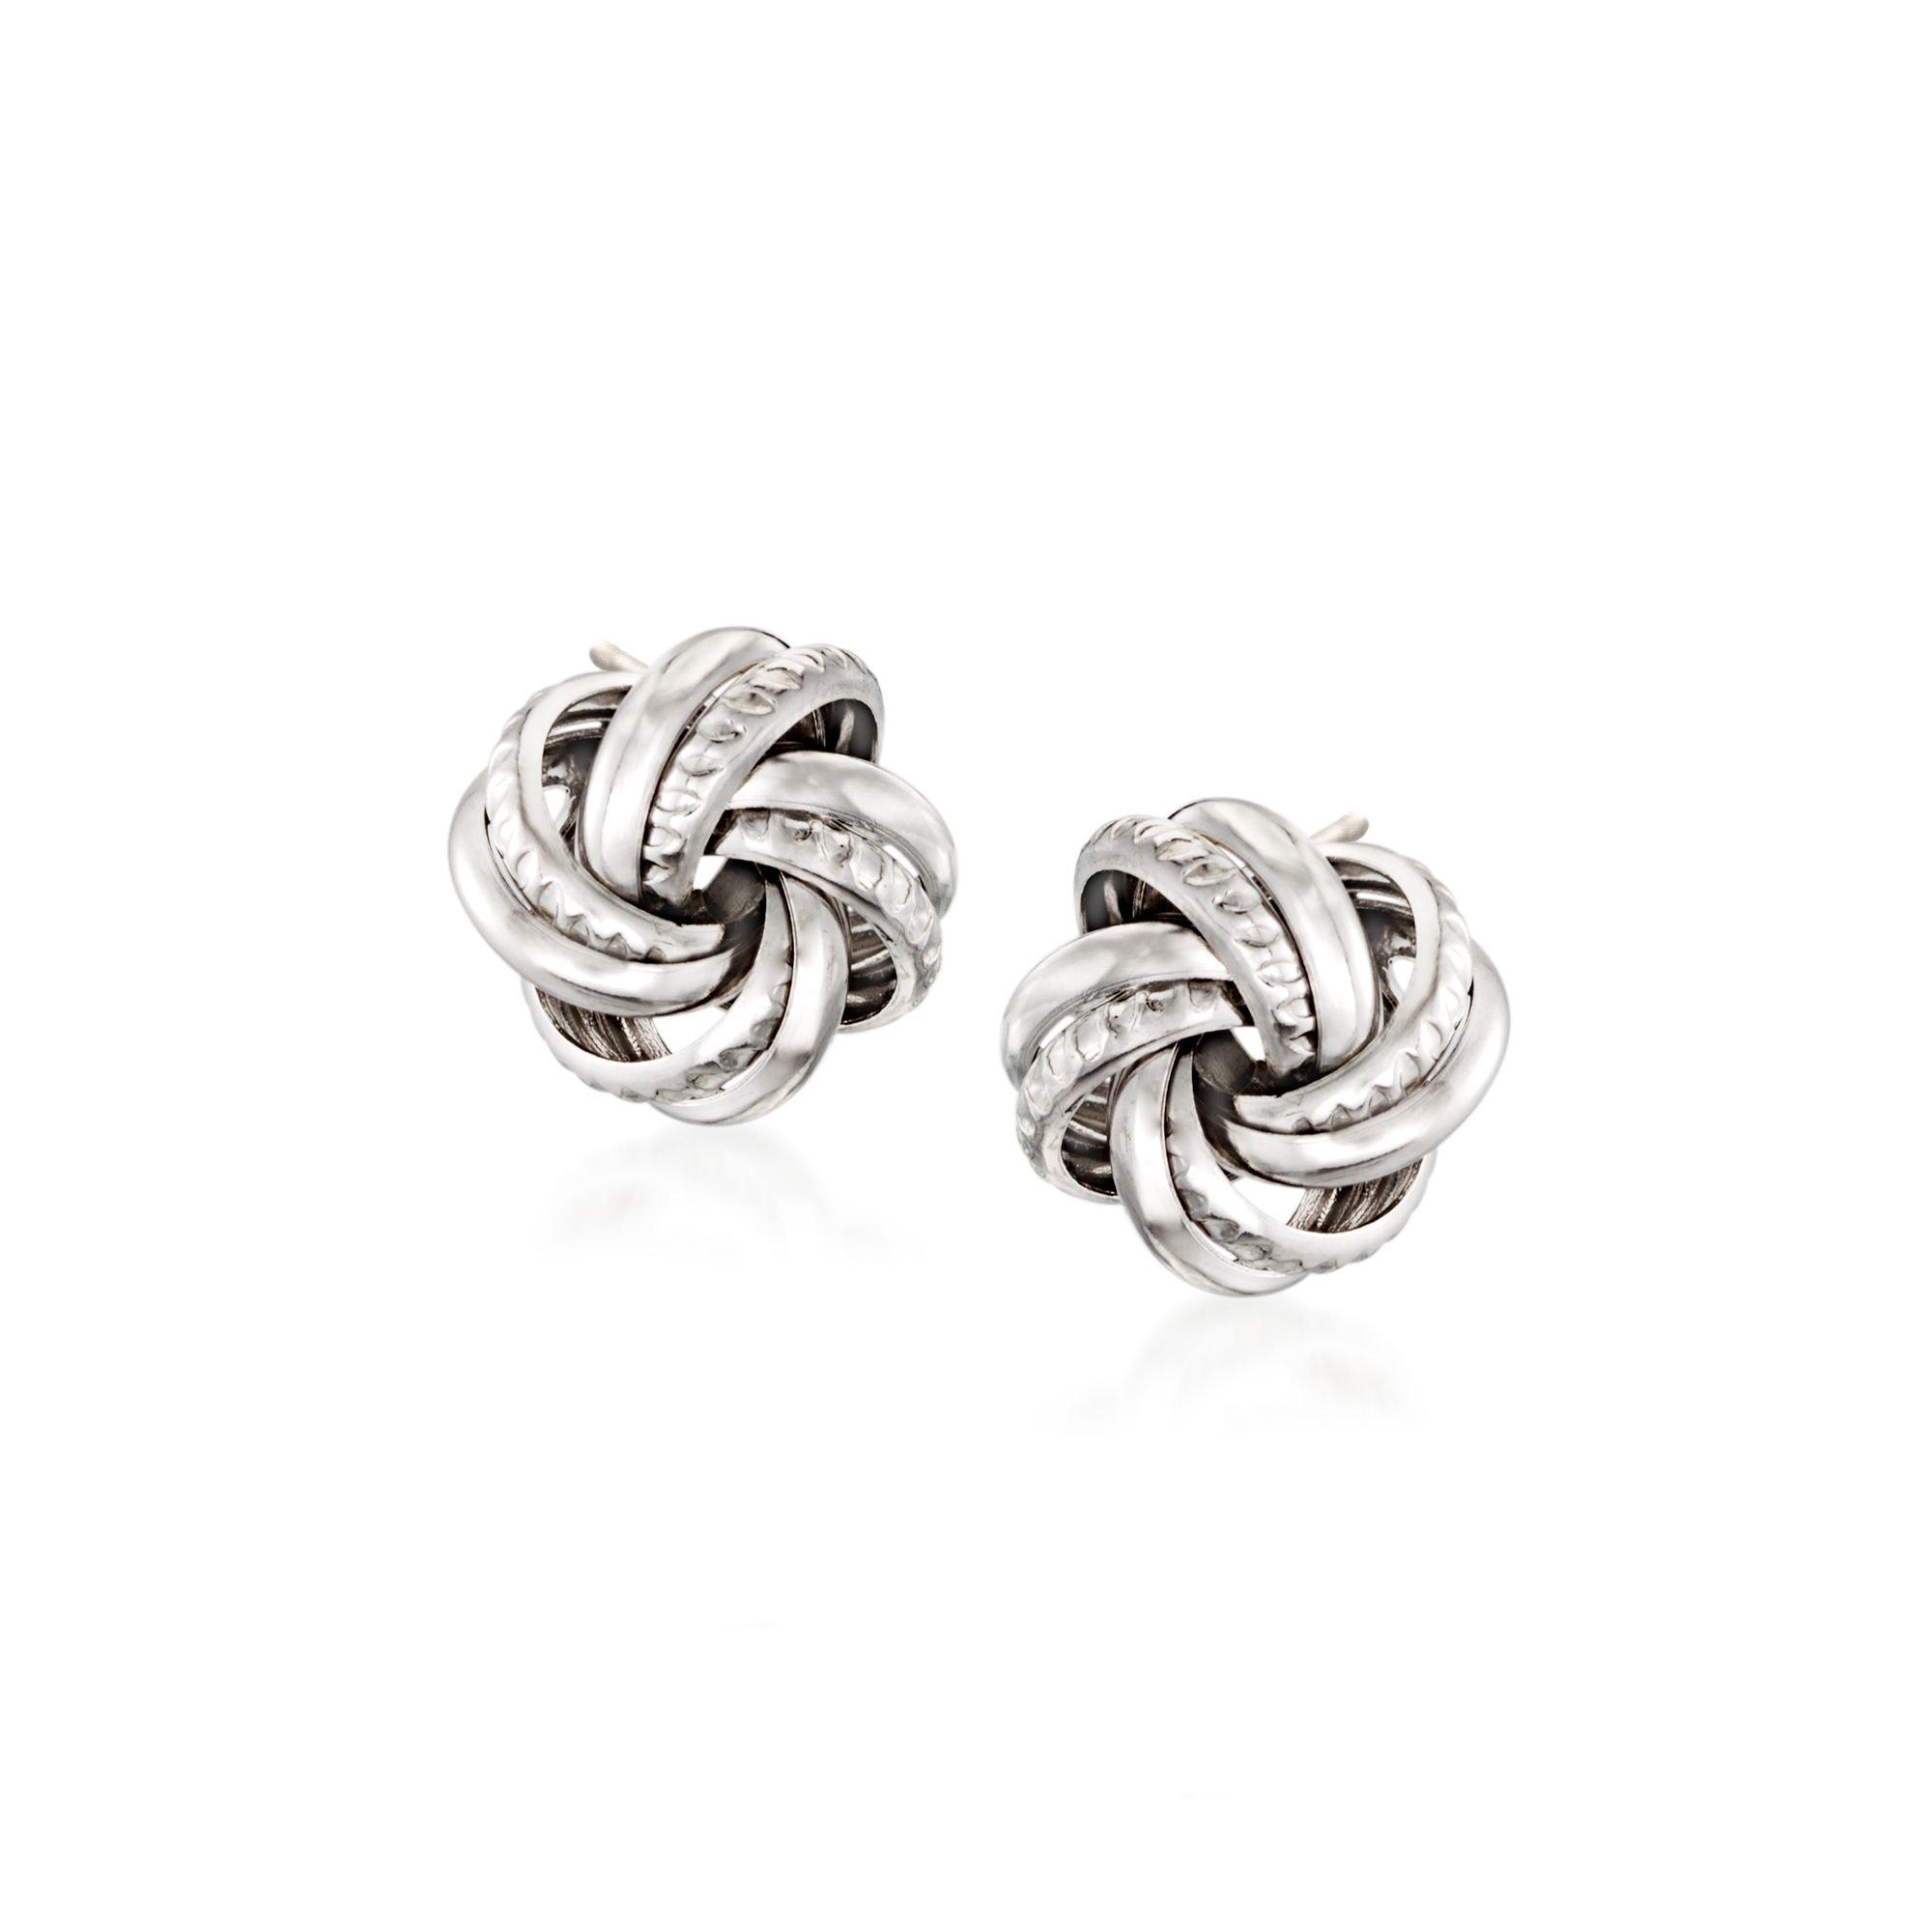 Ross-Simons Italian Sterling Silver Love Knot Earrings